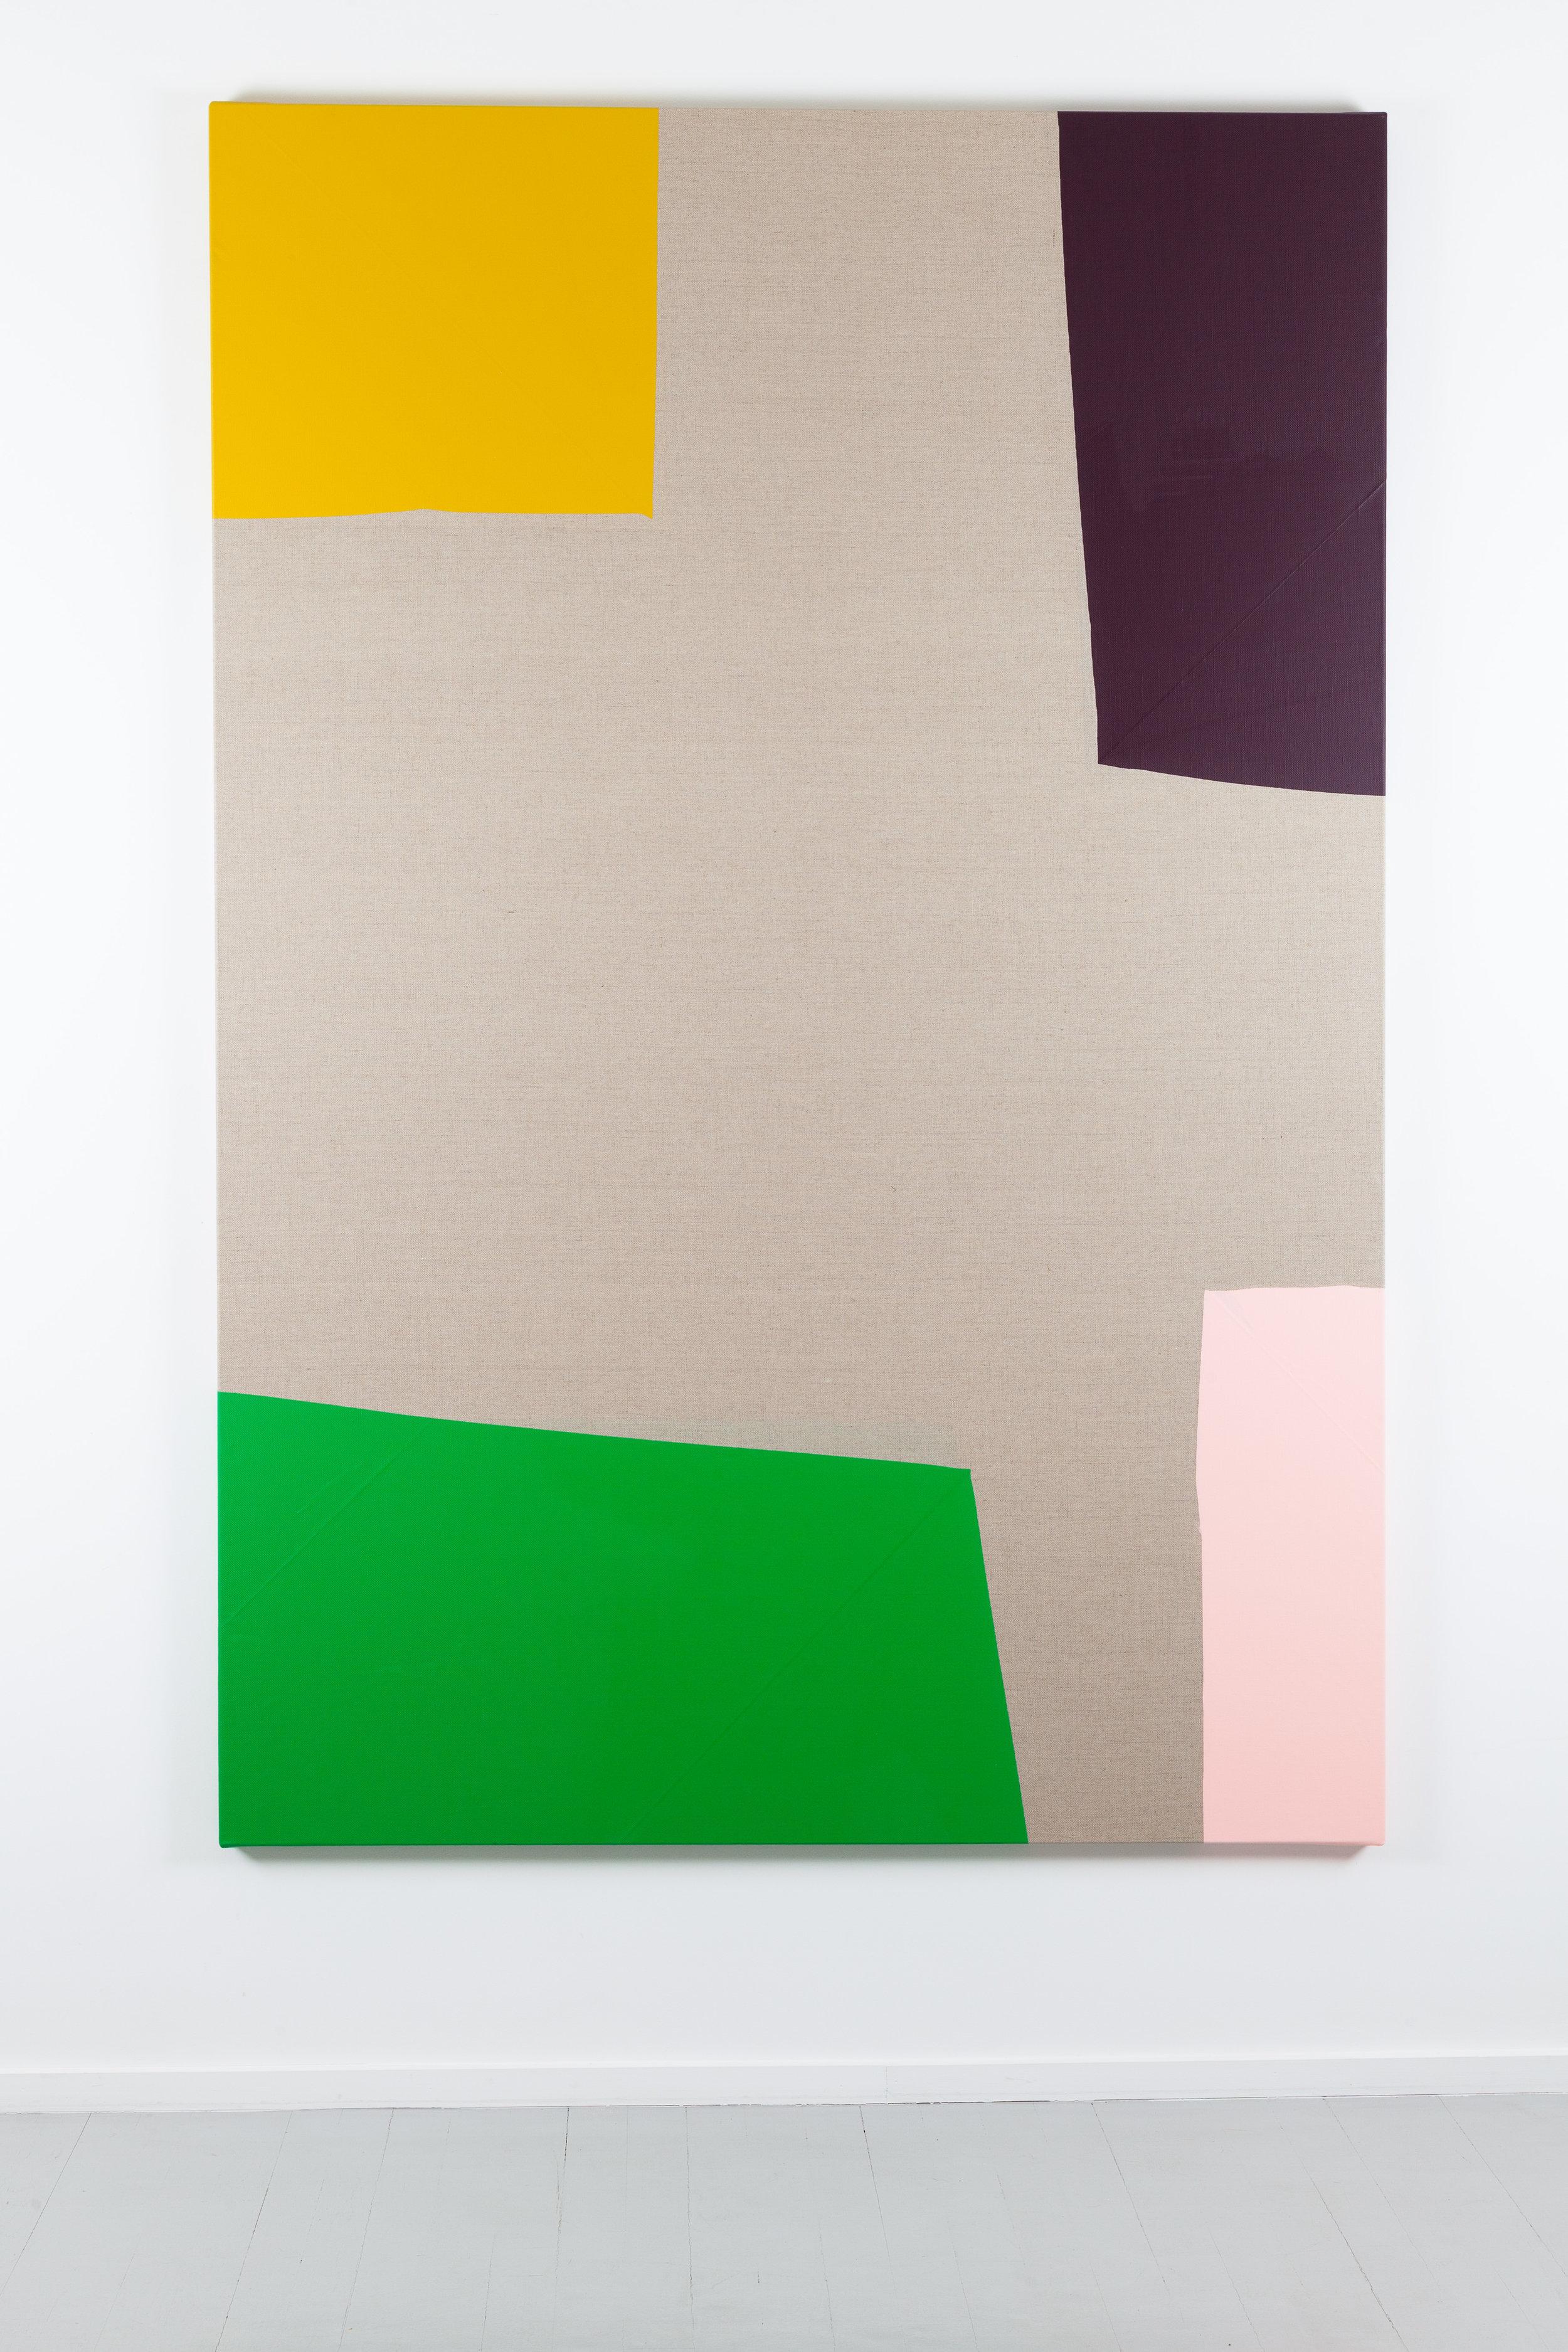 Dip / 9 . 2017. Acrylic on linen canvas. 198,5 x 134 x 3,5 cm.